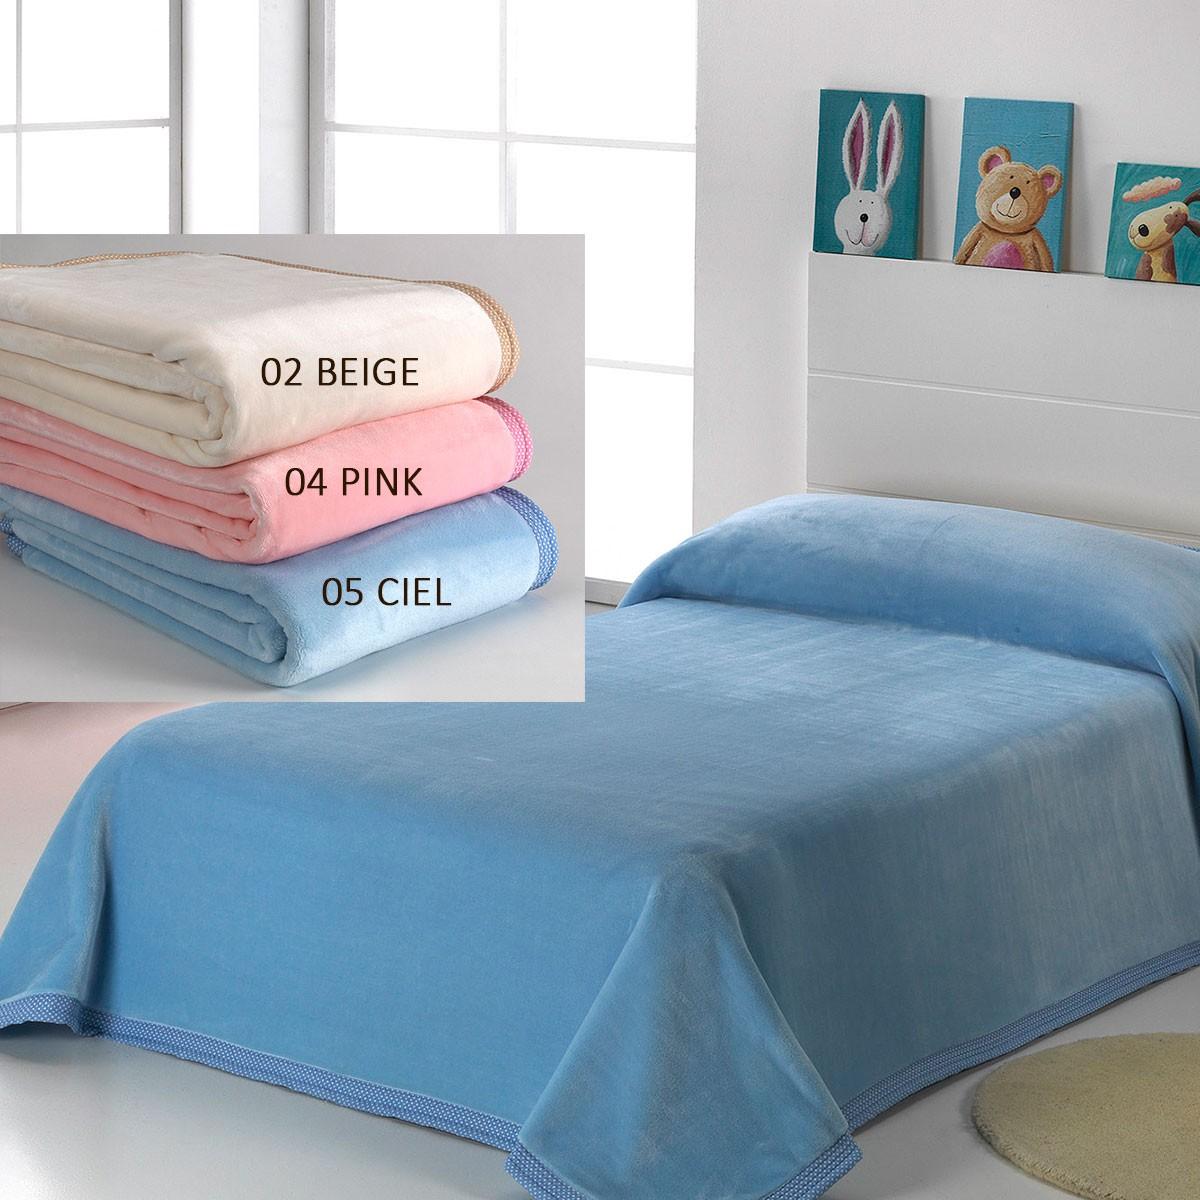 Κουβέρτα Βελουτέ Μονή Morven Dolce B92 home   κρεβατοκάμαρα   κουβέρτες   κουβέρτες βελουτέ μονές